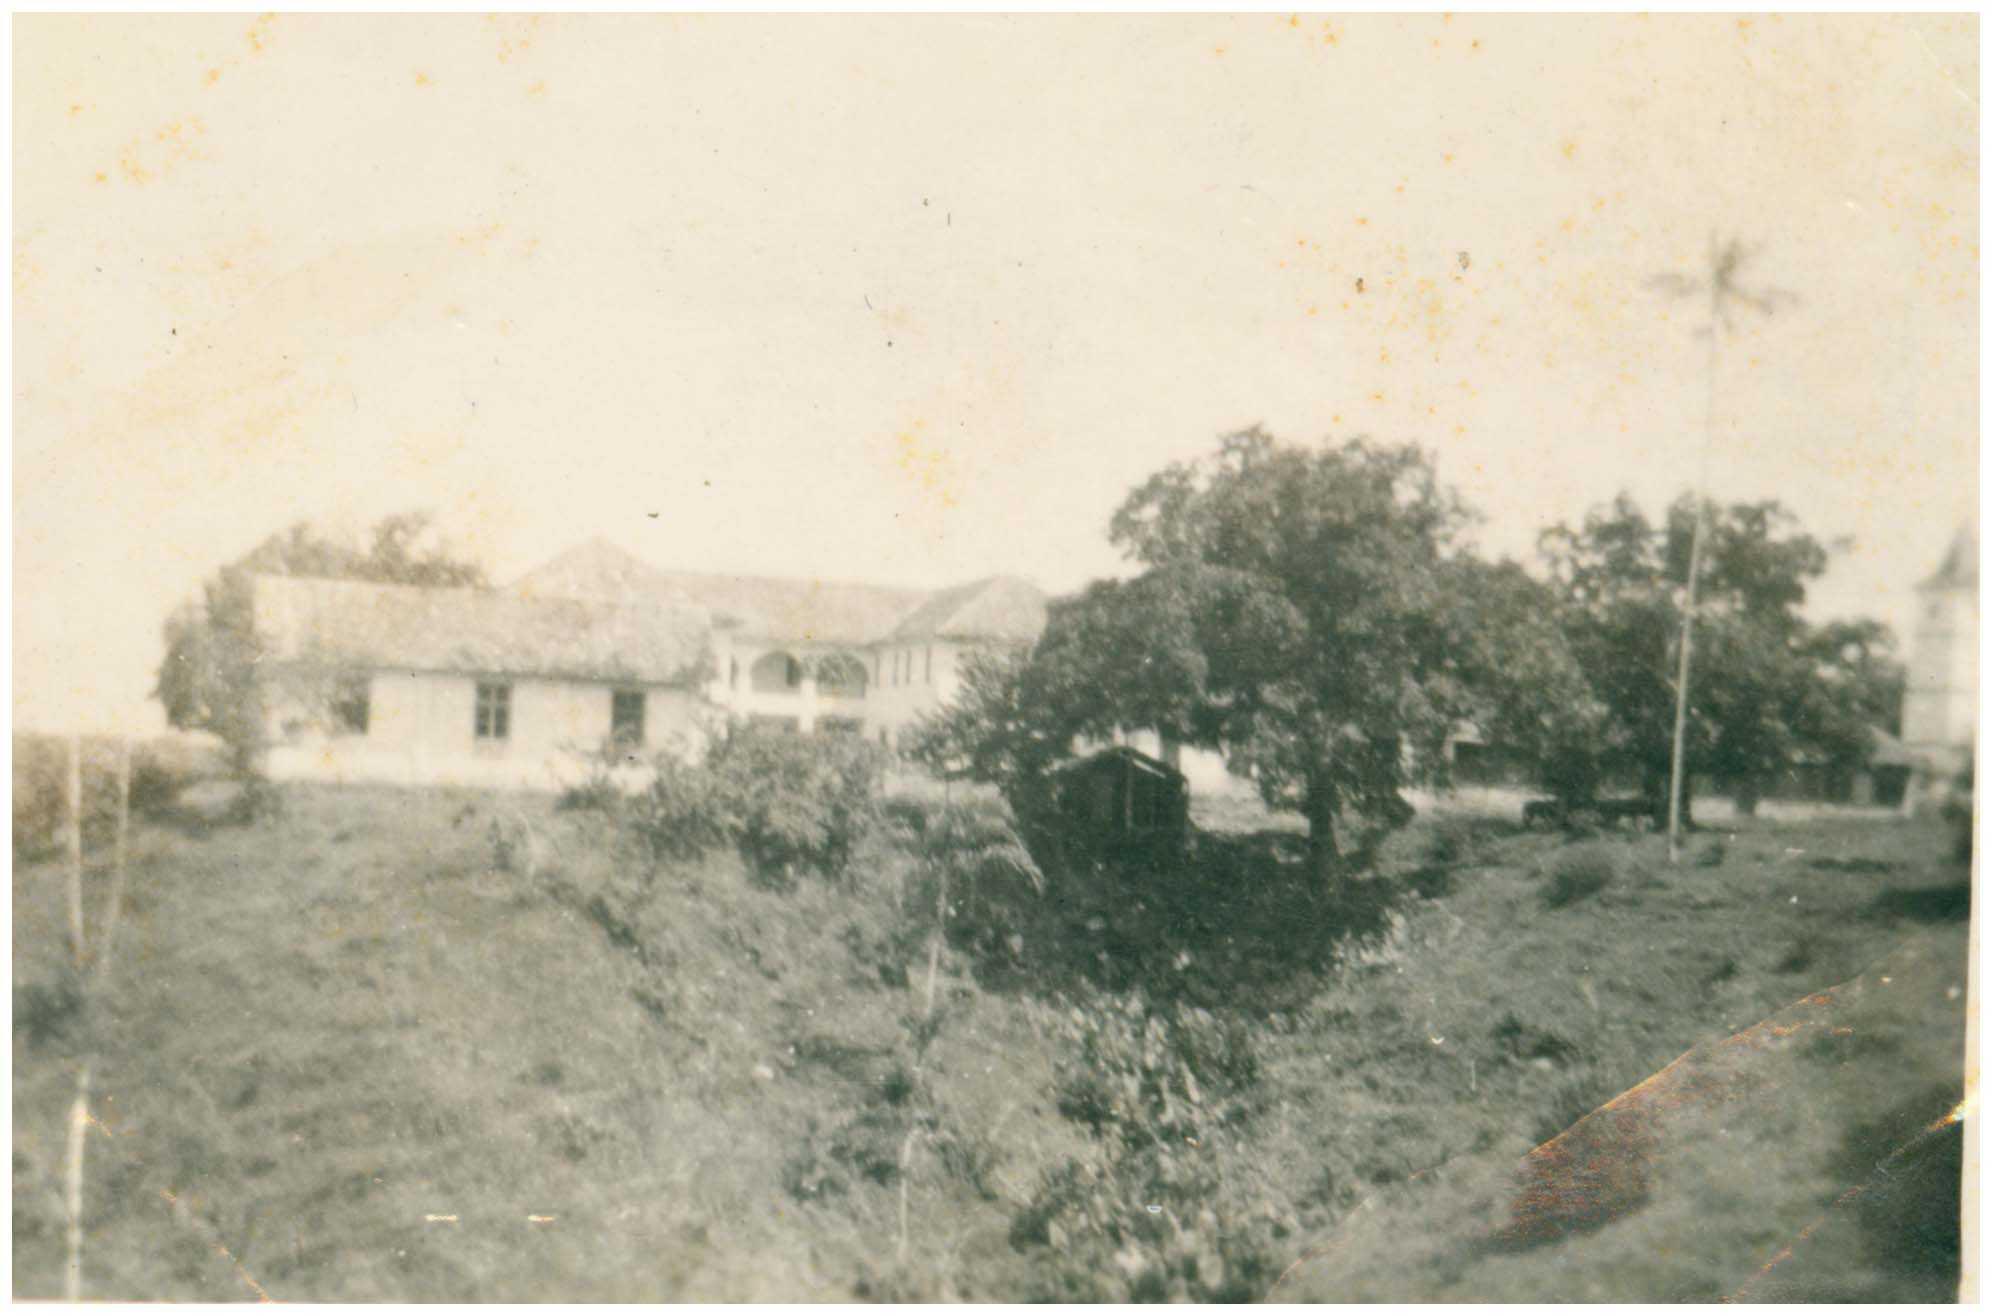 Escola de Aprendizagem Técnica e Agrícola de Missões : Tefé, AM - 1959 / Foto : IBGE